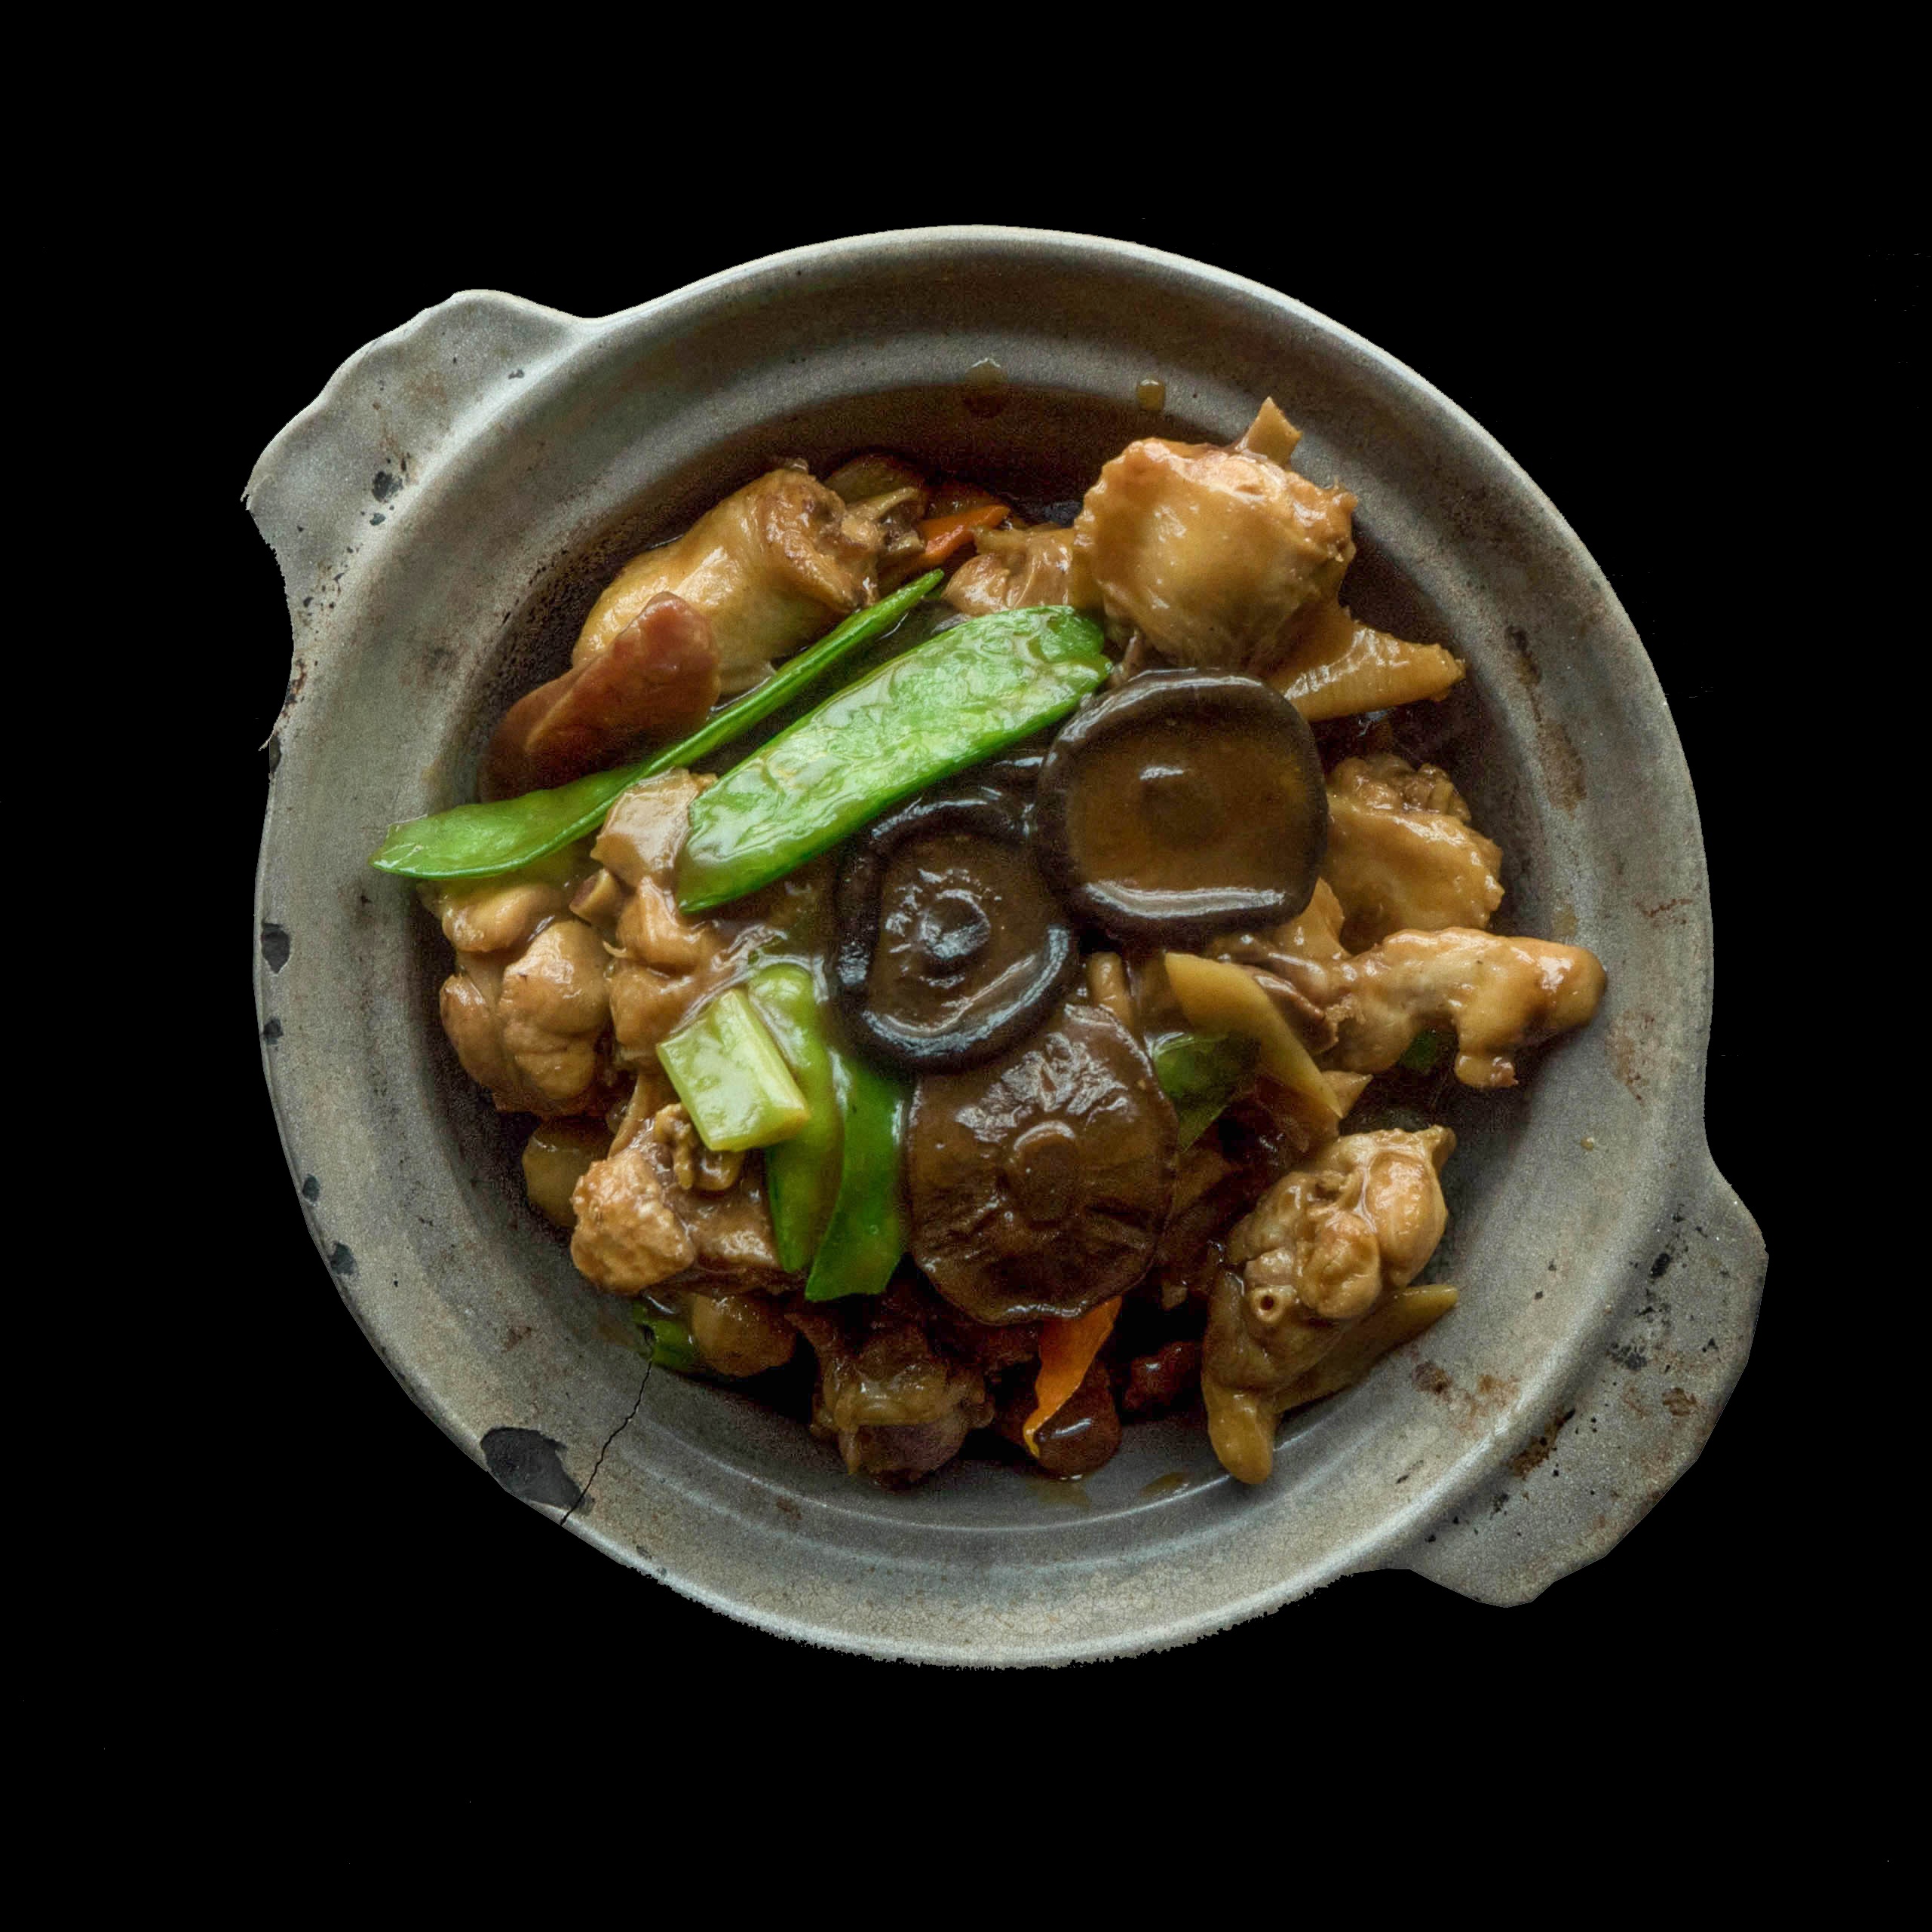 87.  广式香菇黄焖鸡 Shiitake Mushroom & Braised Chicken